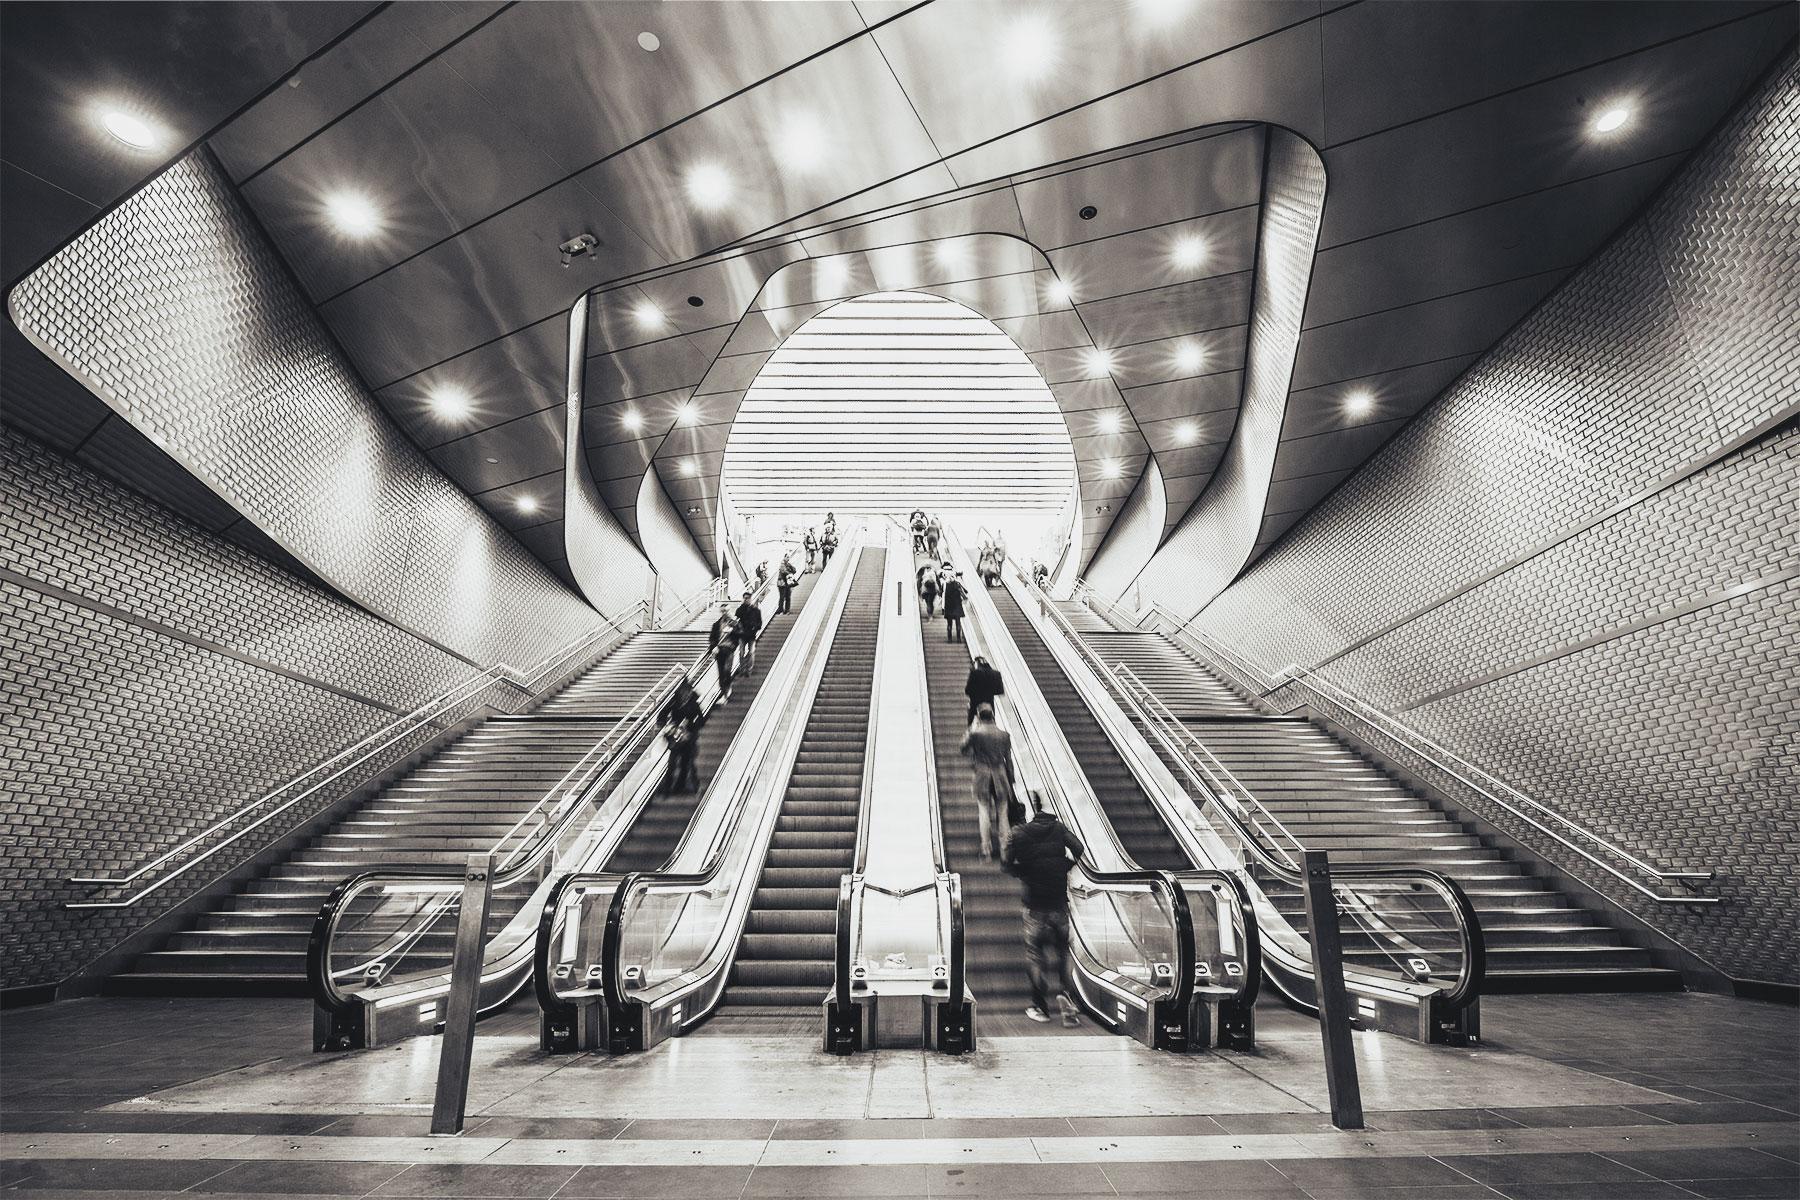 Perspective ascendante - Jean-Nicolas Lehec Photographie